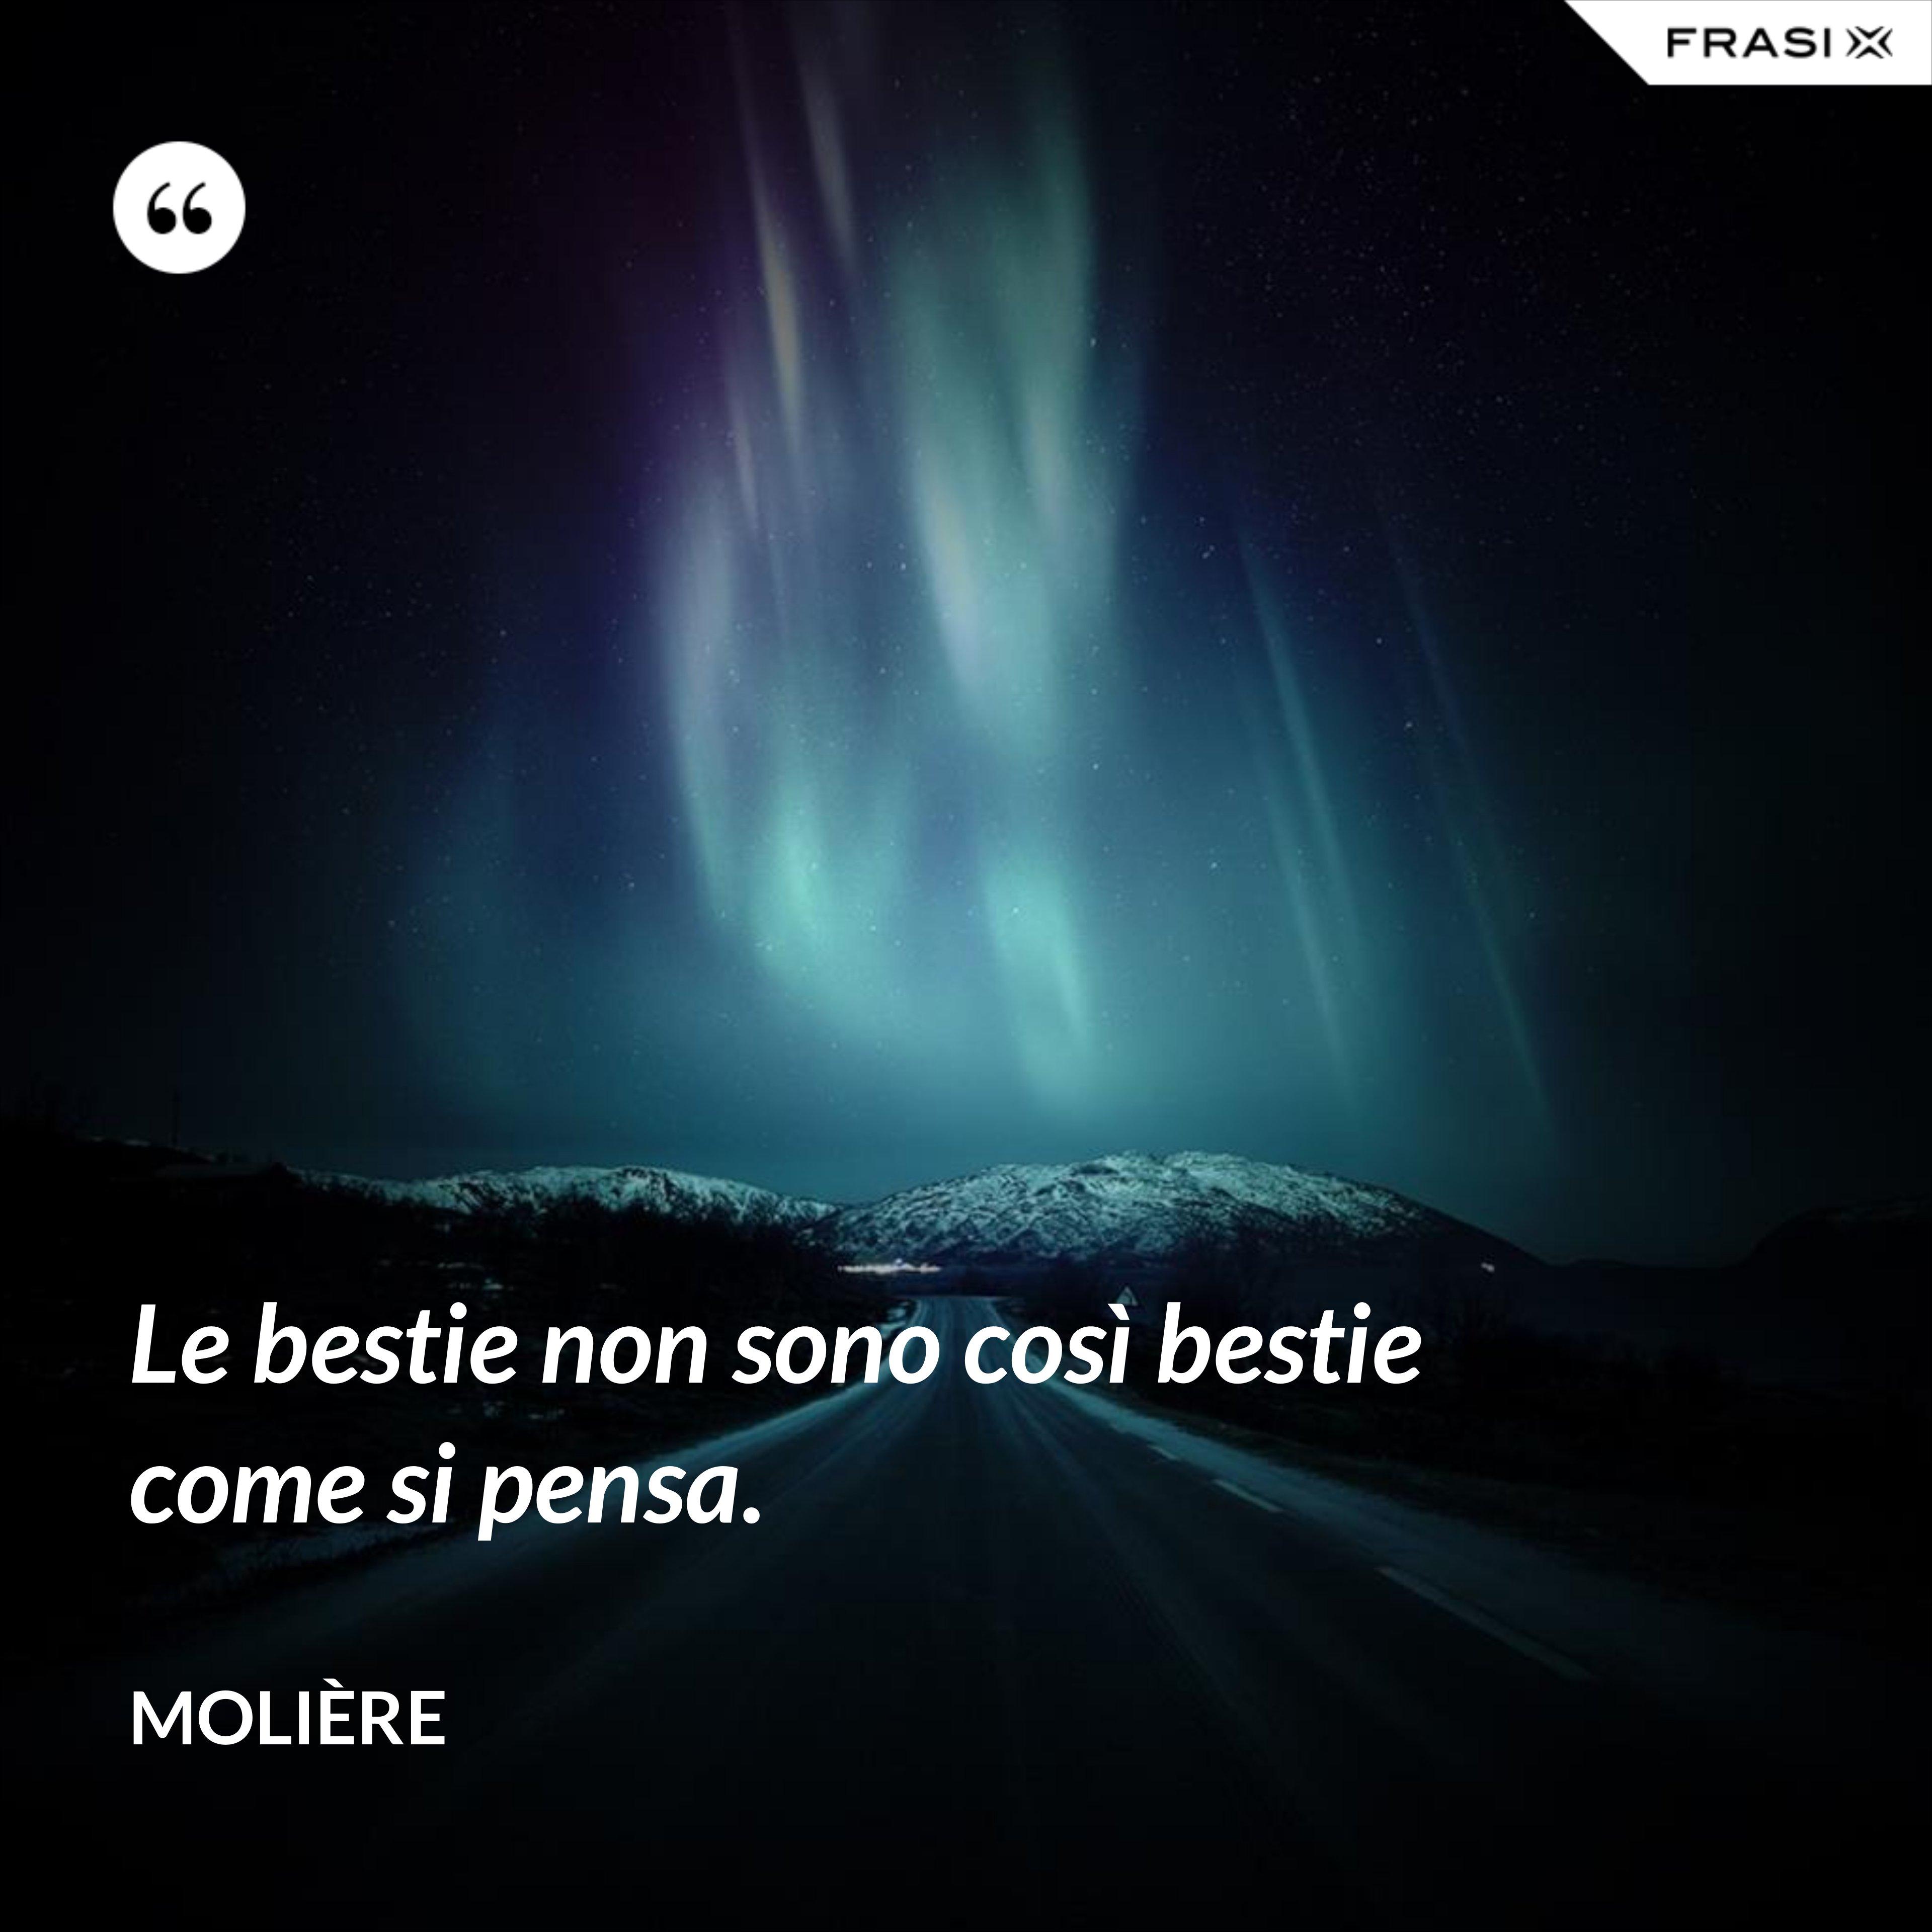 Le bestie non sono così bestie come si pensa. - Molière